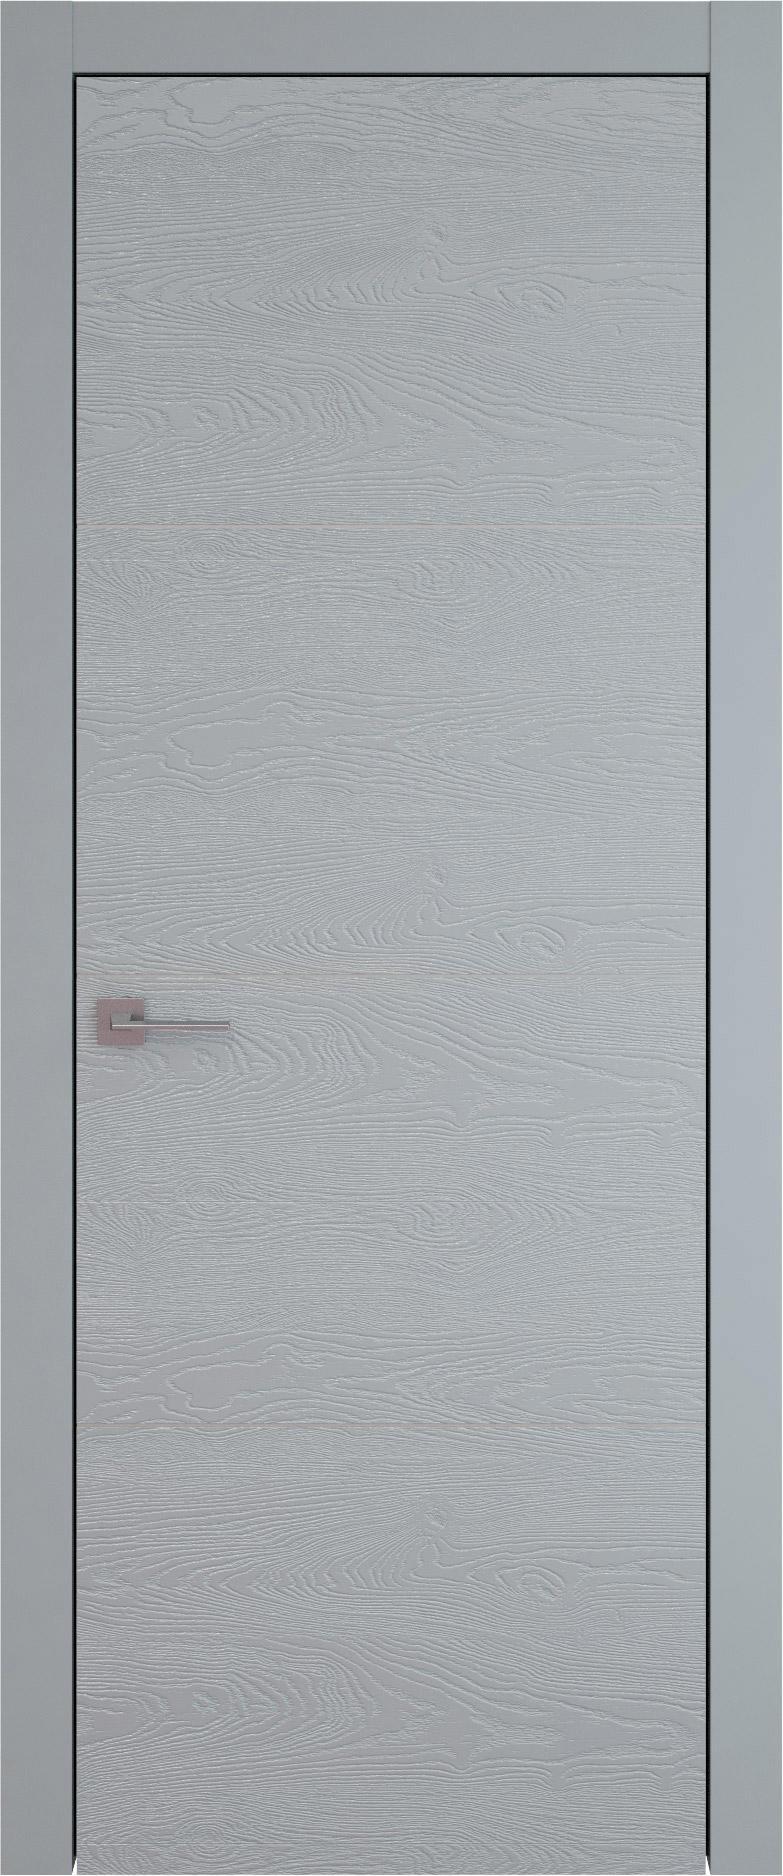 Tivoli Г-2 цвет - Серебристо-серая эмаль по шпону (RAL 7045) Без стекла (ДГ)